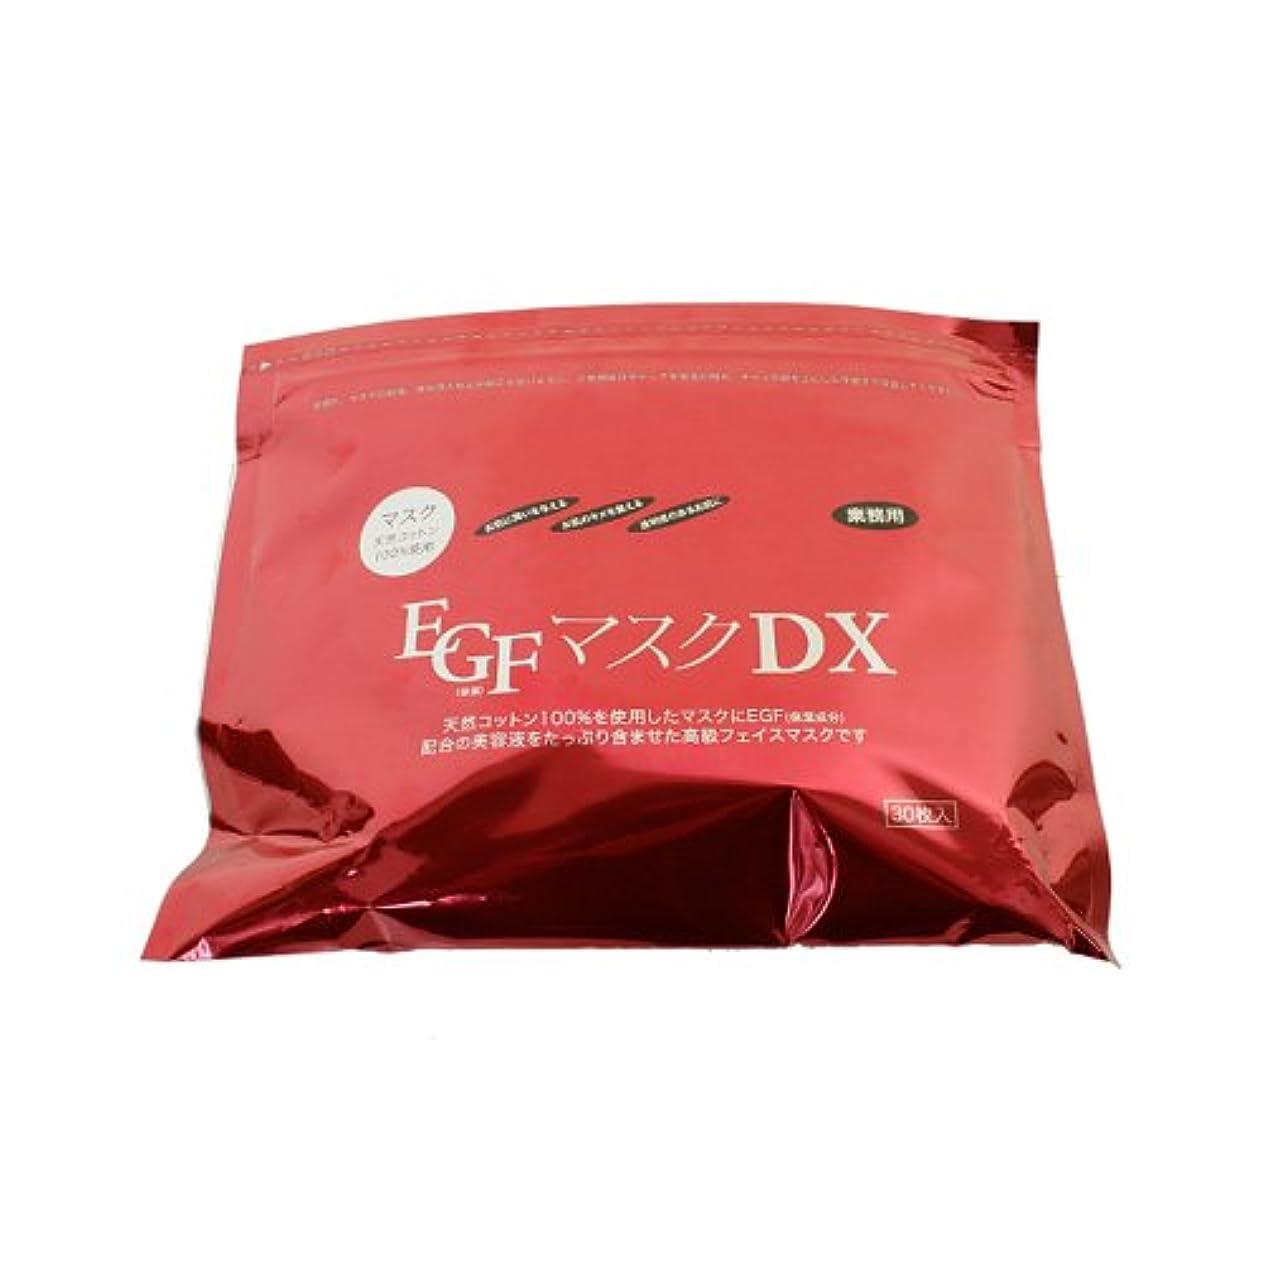 EGFマスクDX 30枚×4袋